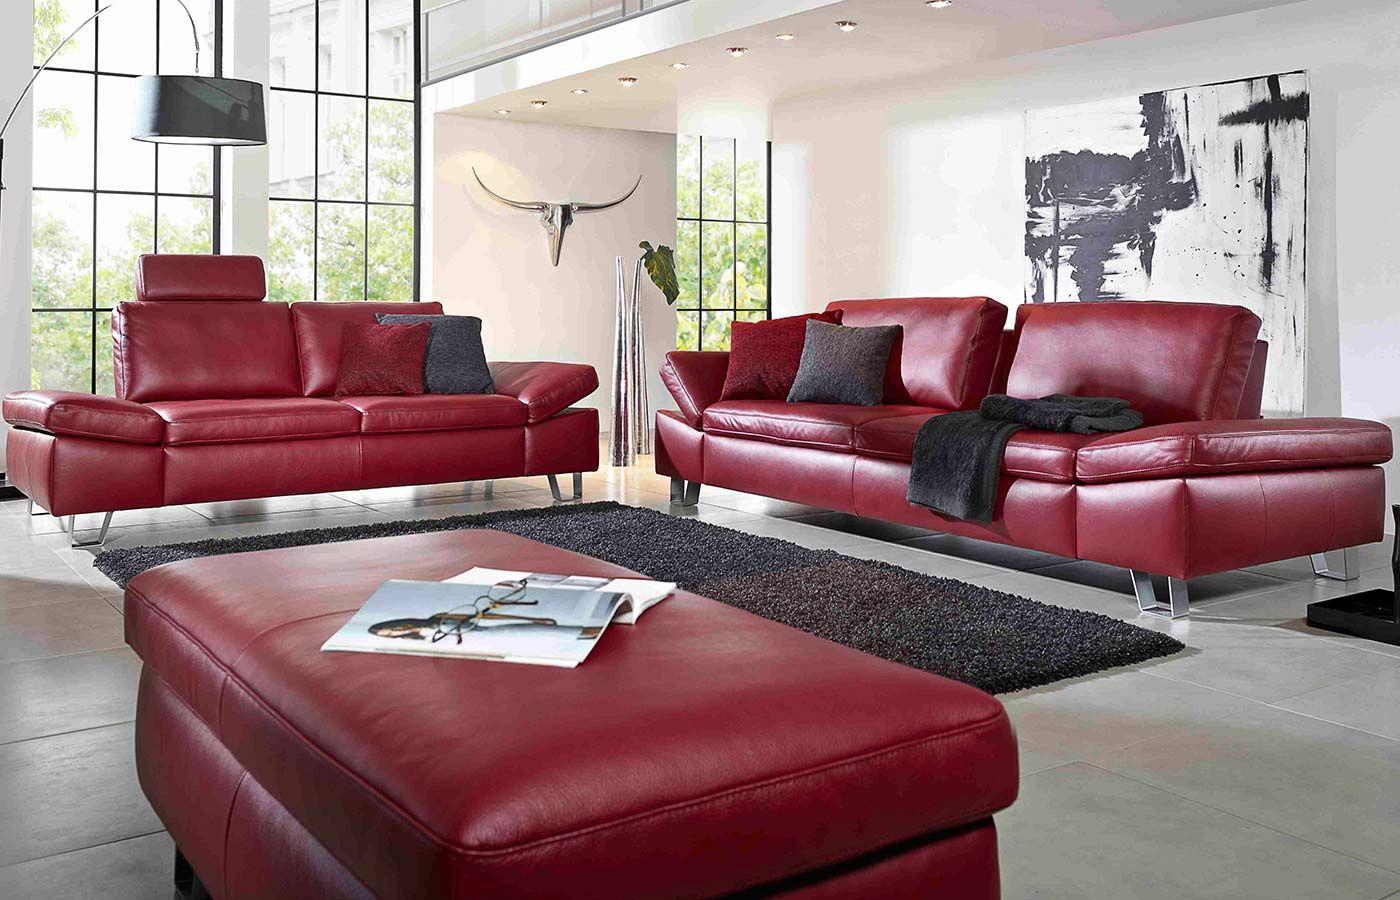 Wohnzimmer Garnituren ~ Polstergarnitur av lucie u2022u2022 exklusive polsterecke mit hochwertigem